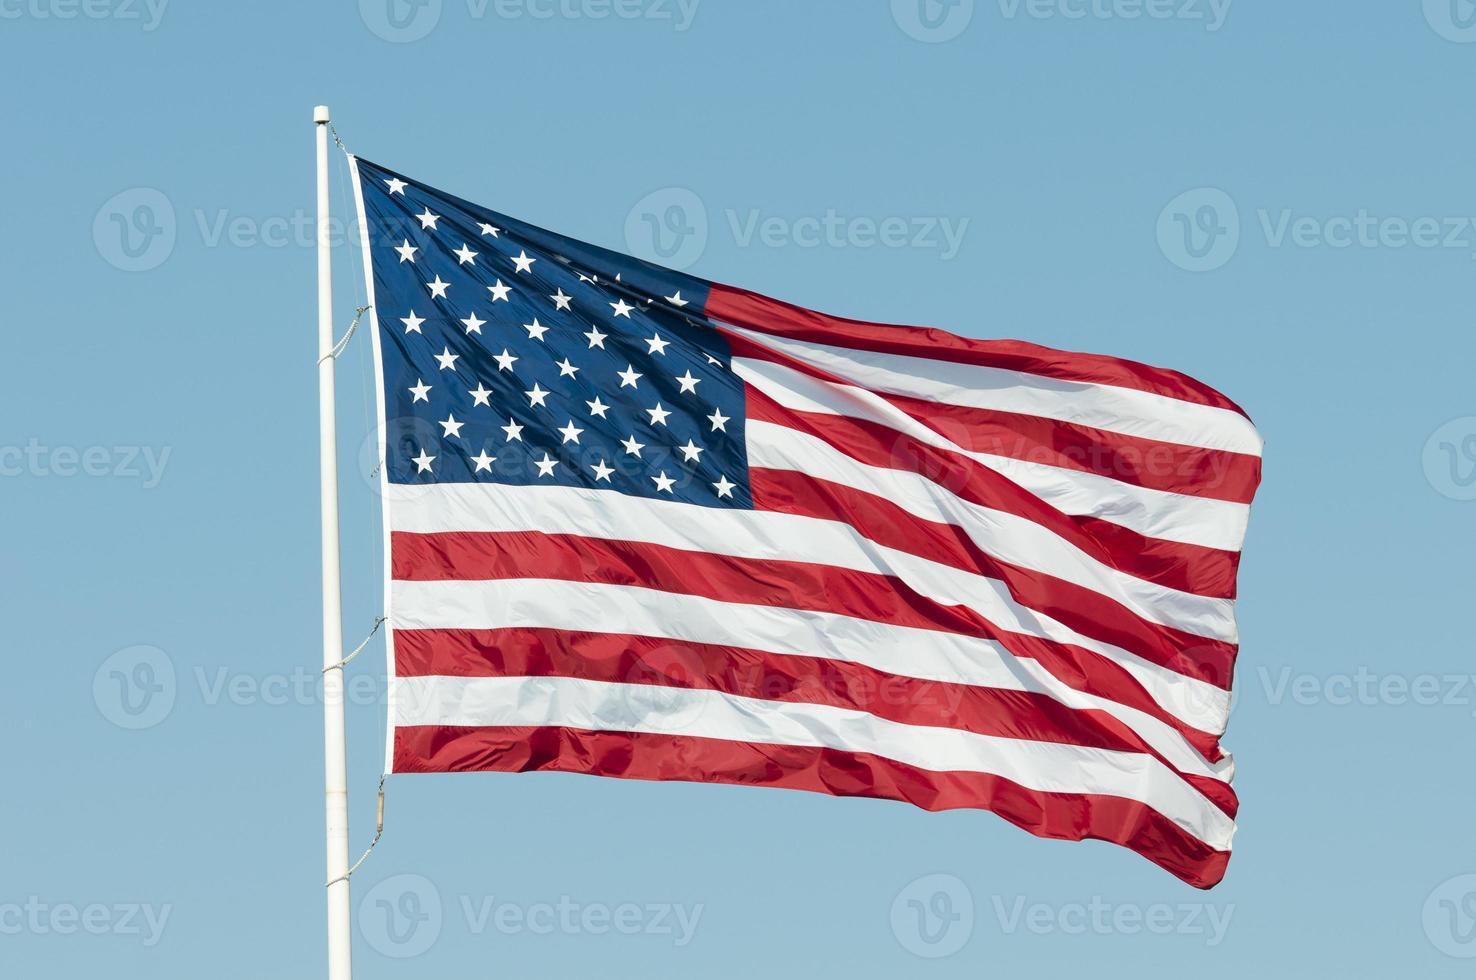 amerikanische Flagge, die im blauen Himmel weht foto